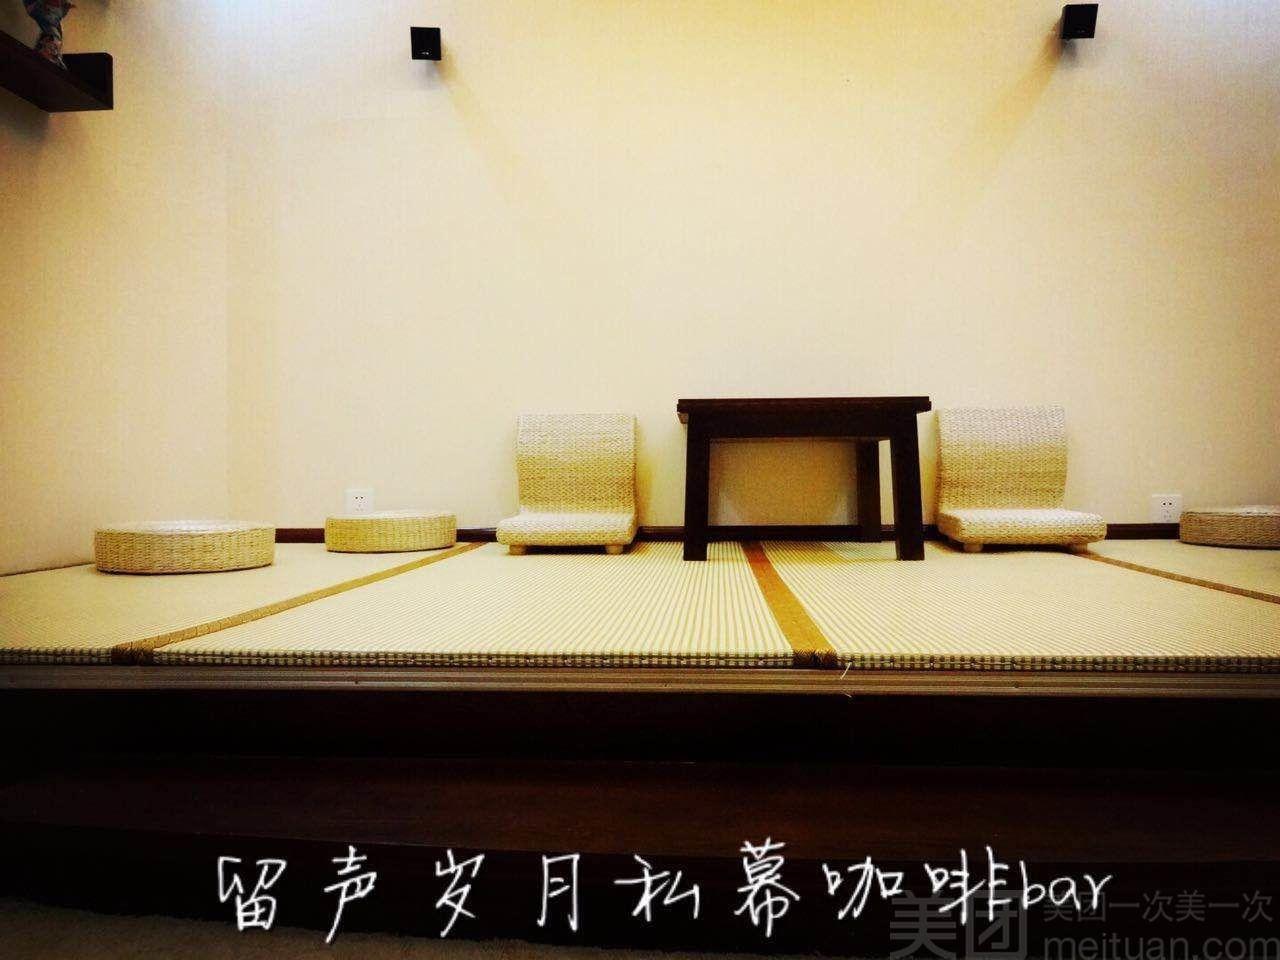 美团网:长沙今日电影团购:【留声岁月私幕影院】留声岁月日式房电影一场